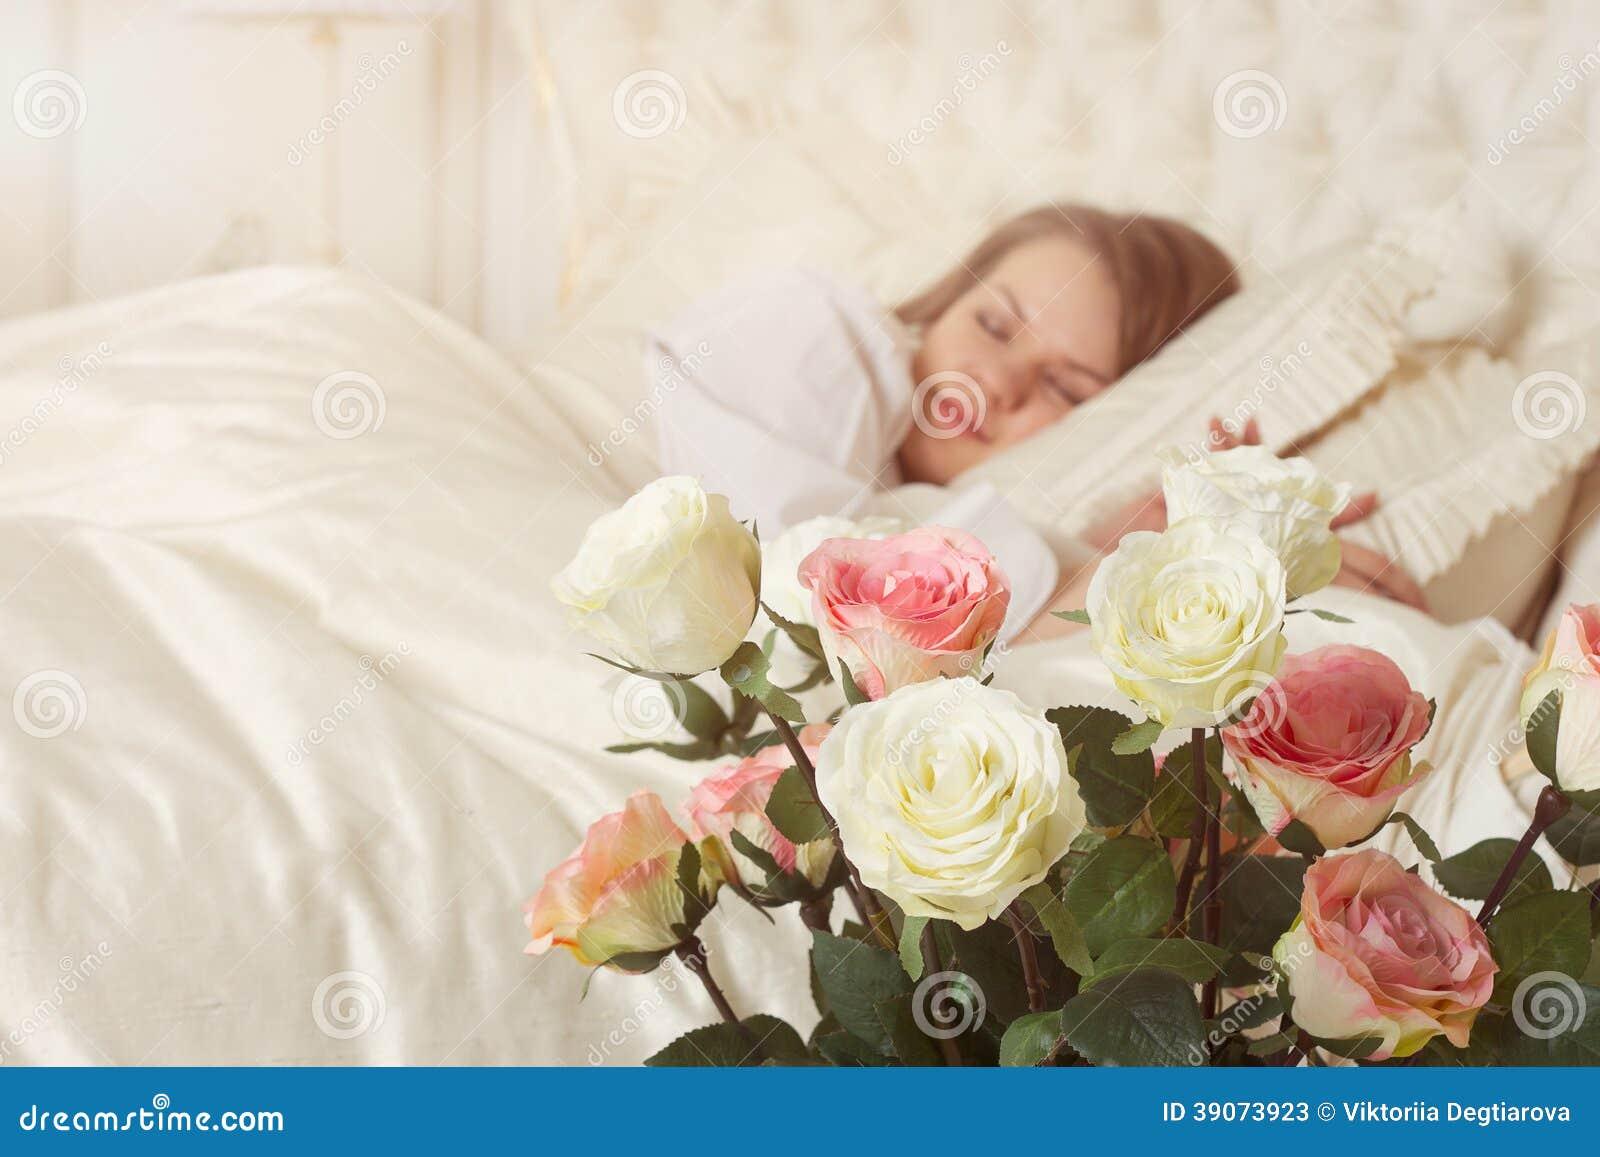 Красивые розы на кровати фото 516-759